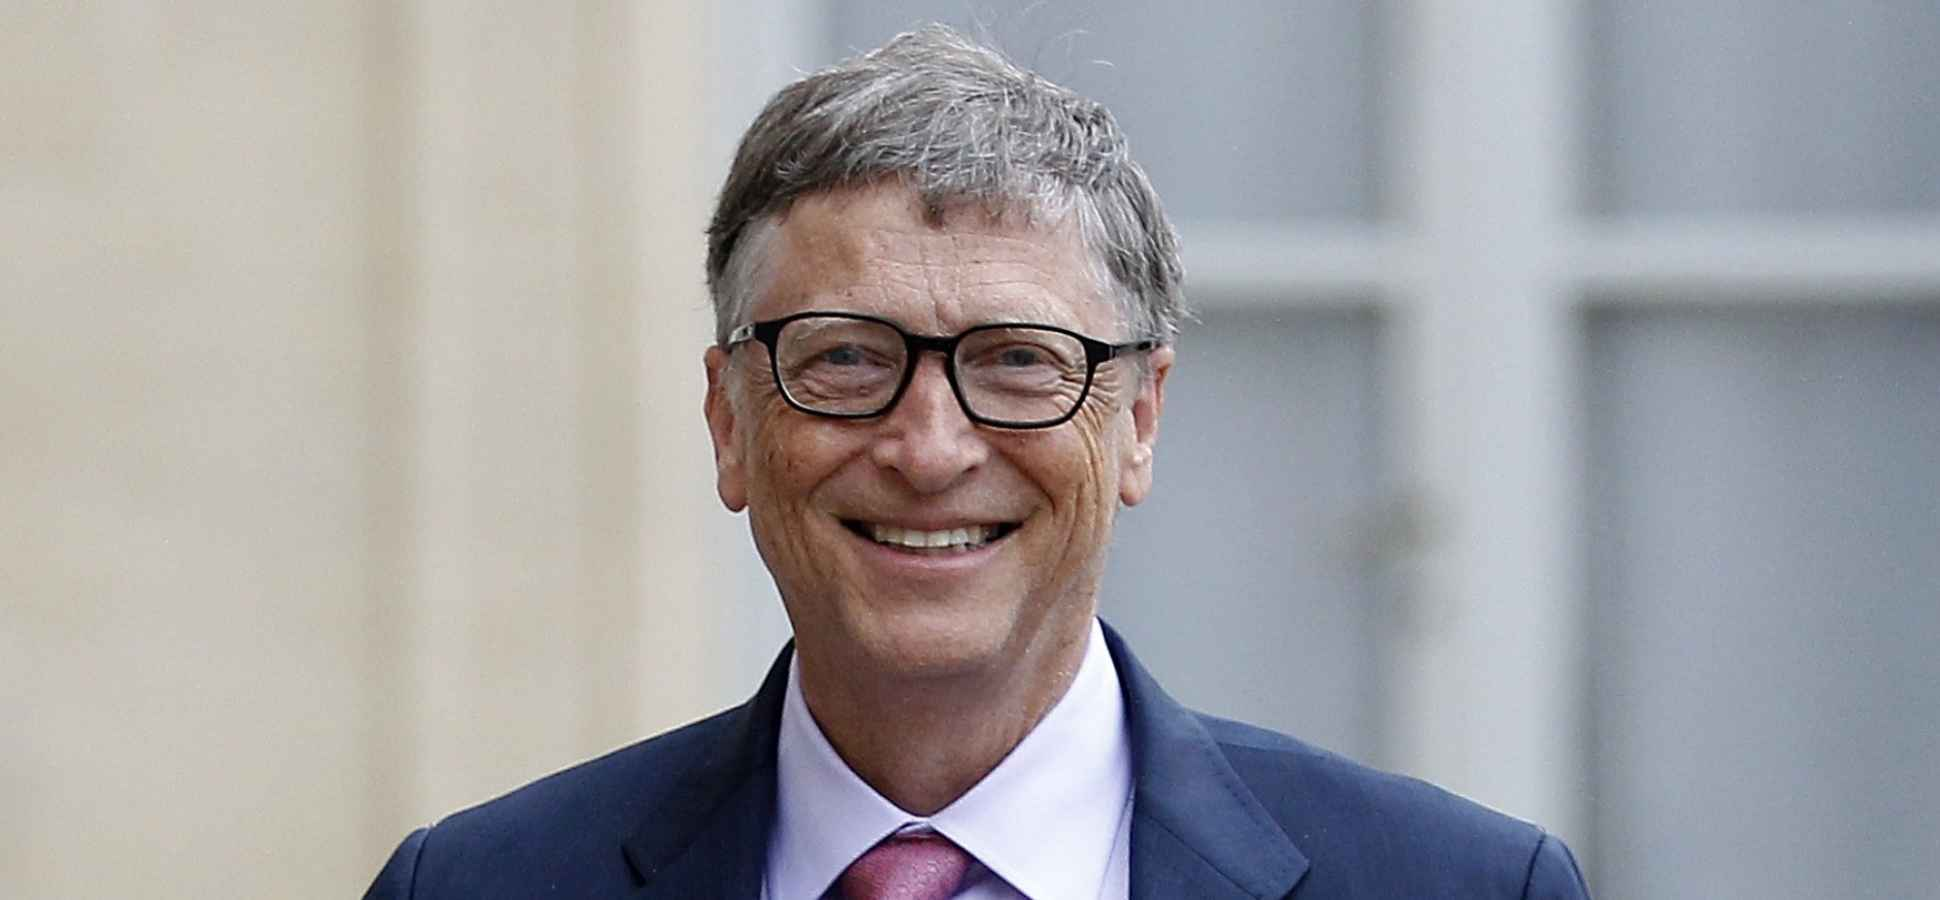 c2c877c60e0 Bill Gates